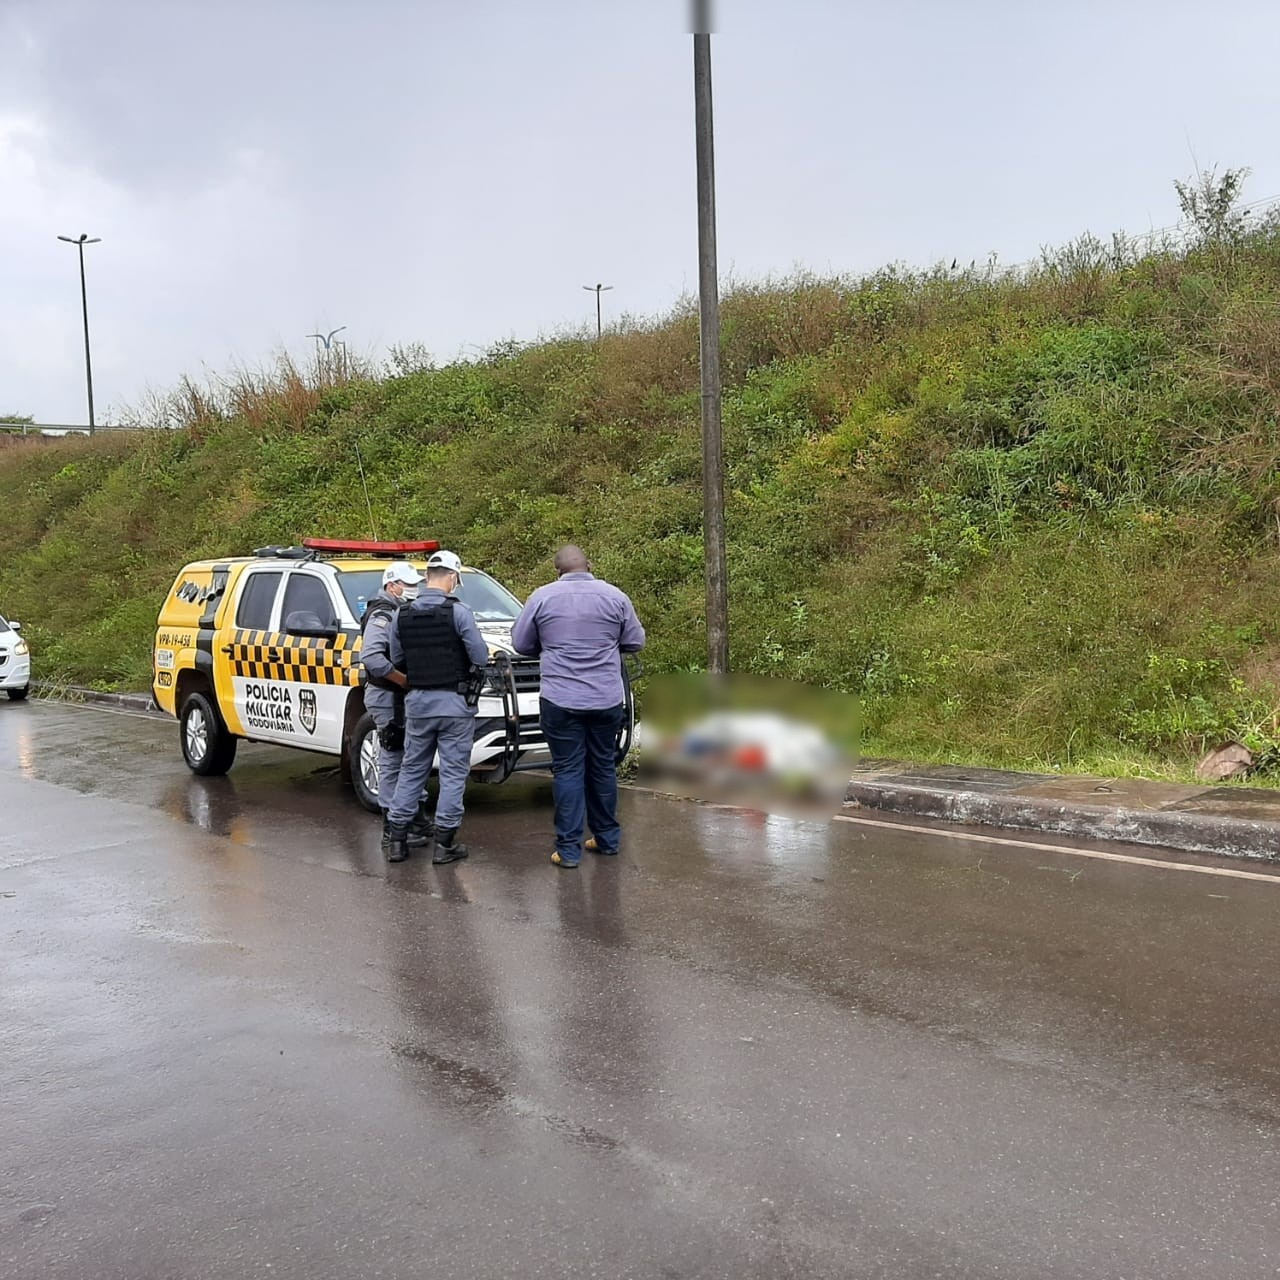 Motociclista morre após colidir contra poste na MA-203 em São José de Ribamar